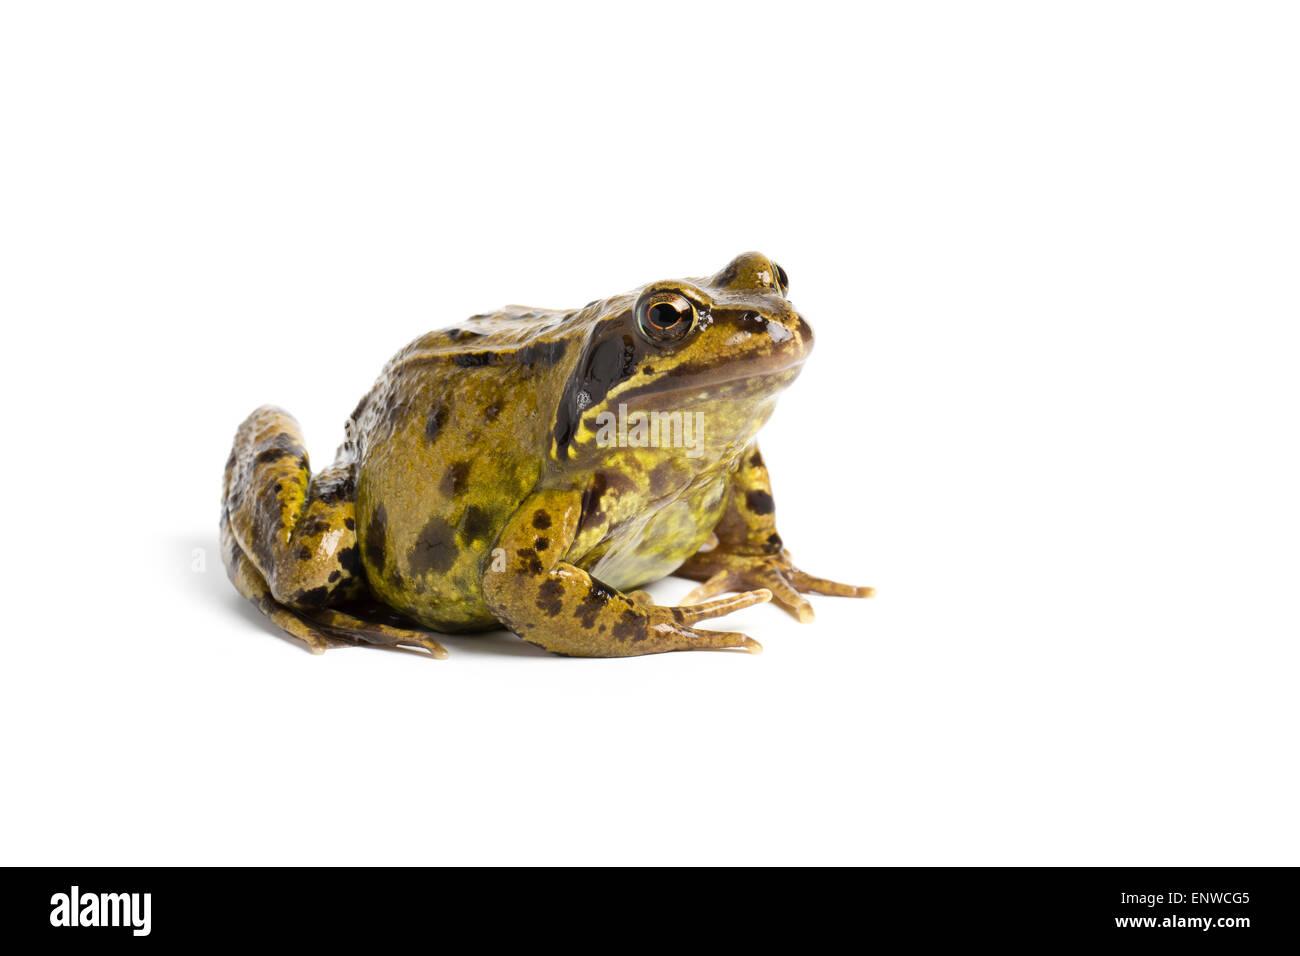 European common frog, Rana temporaria, on white background - Stock Image